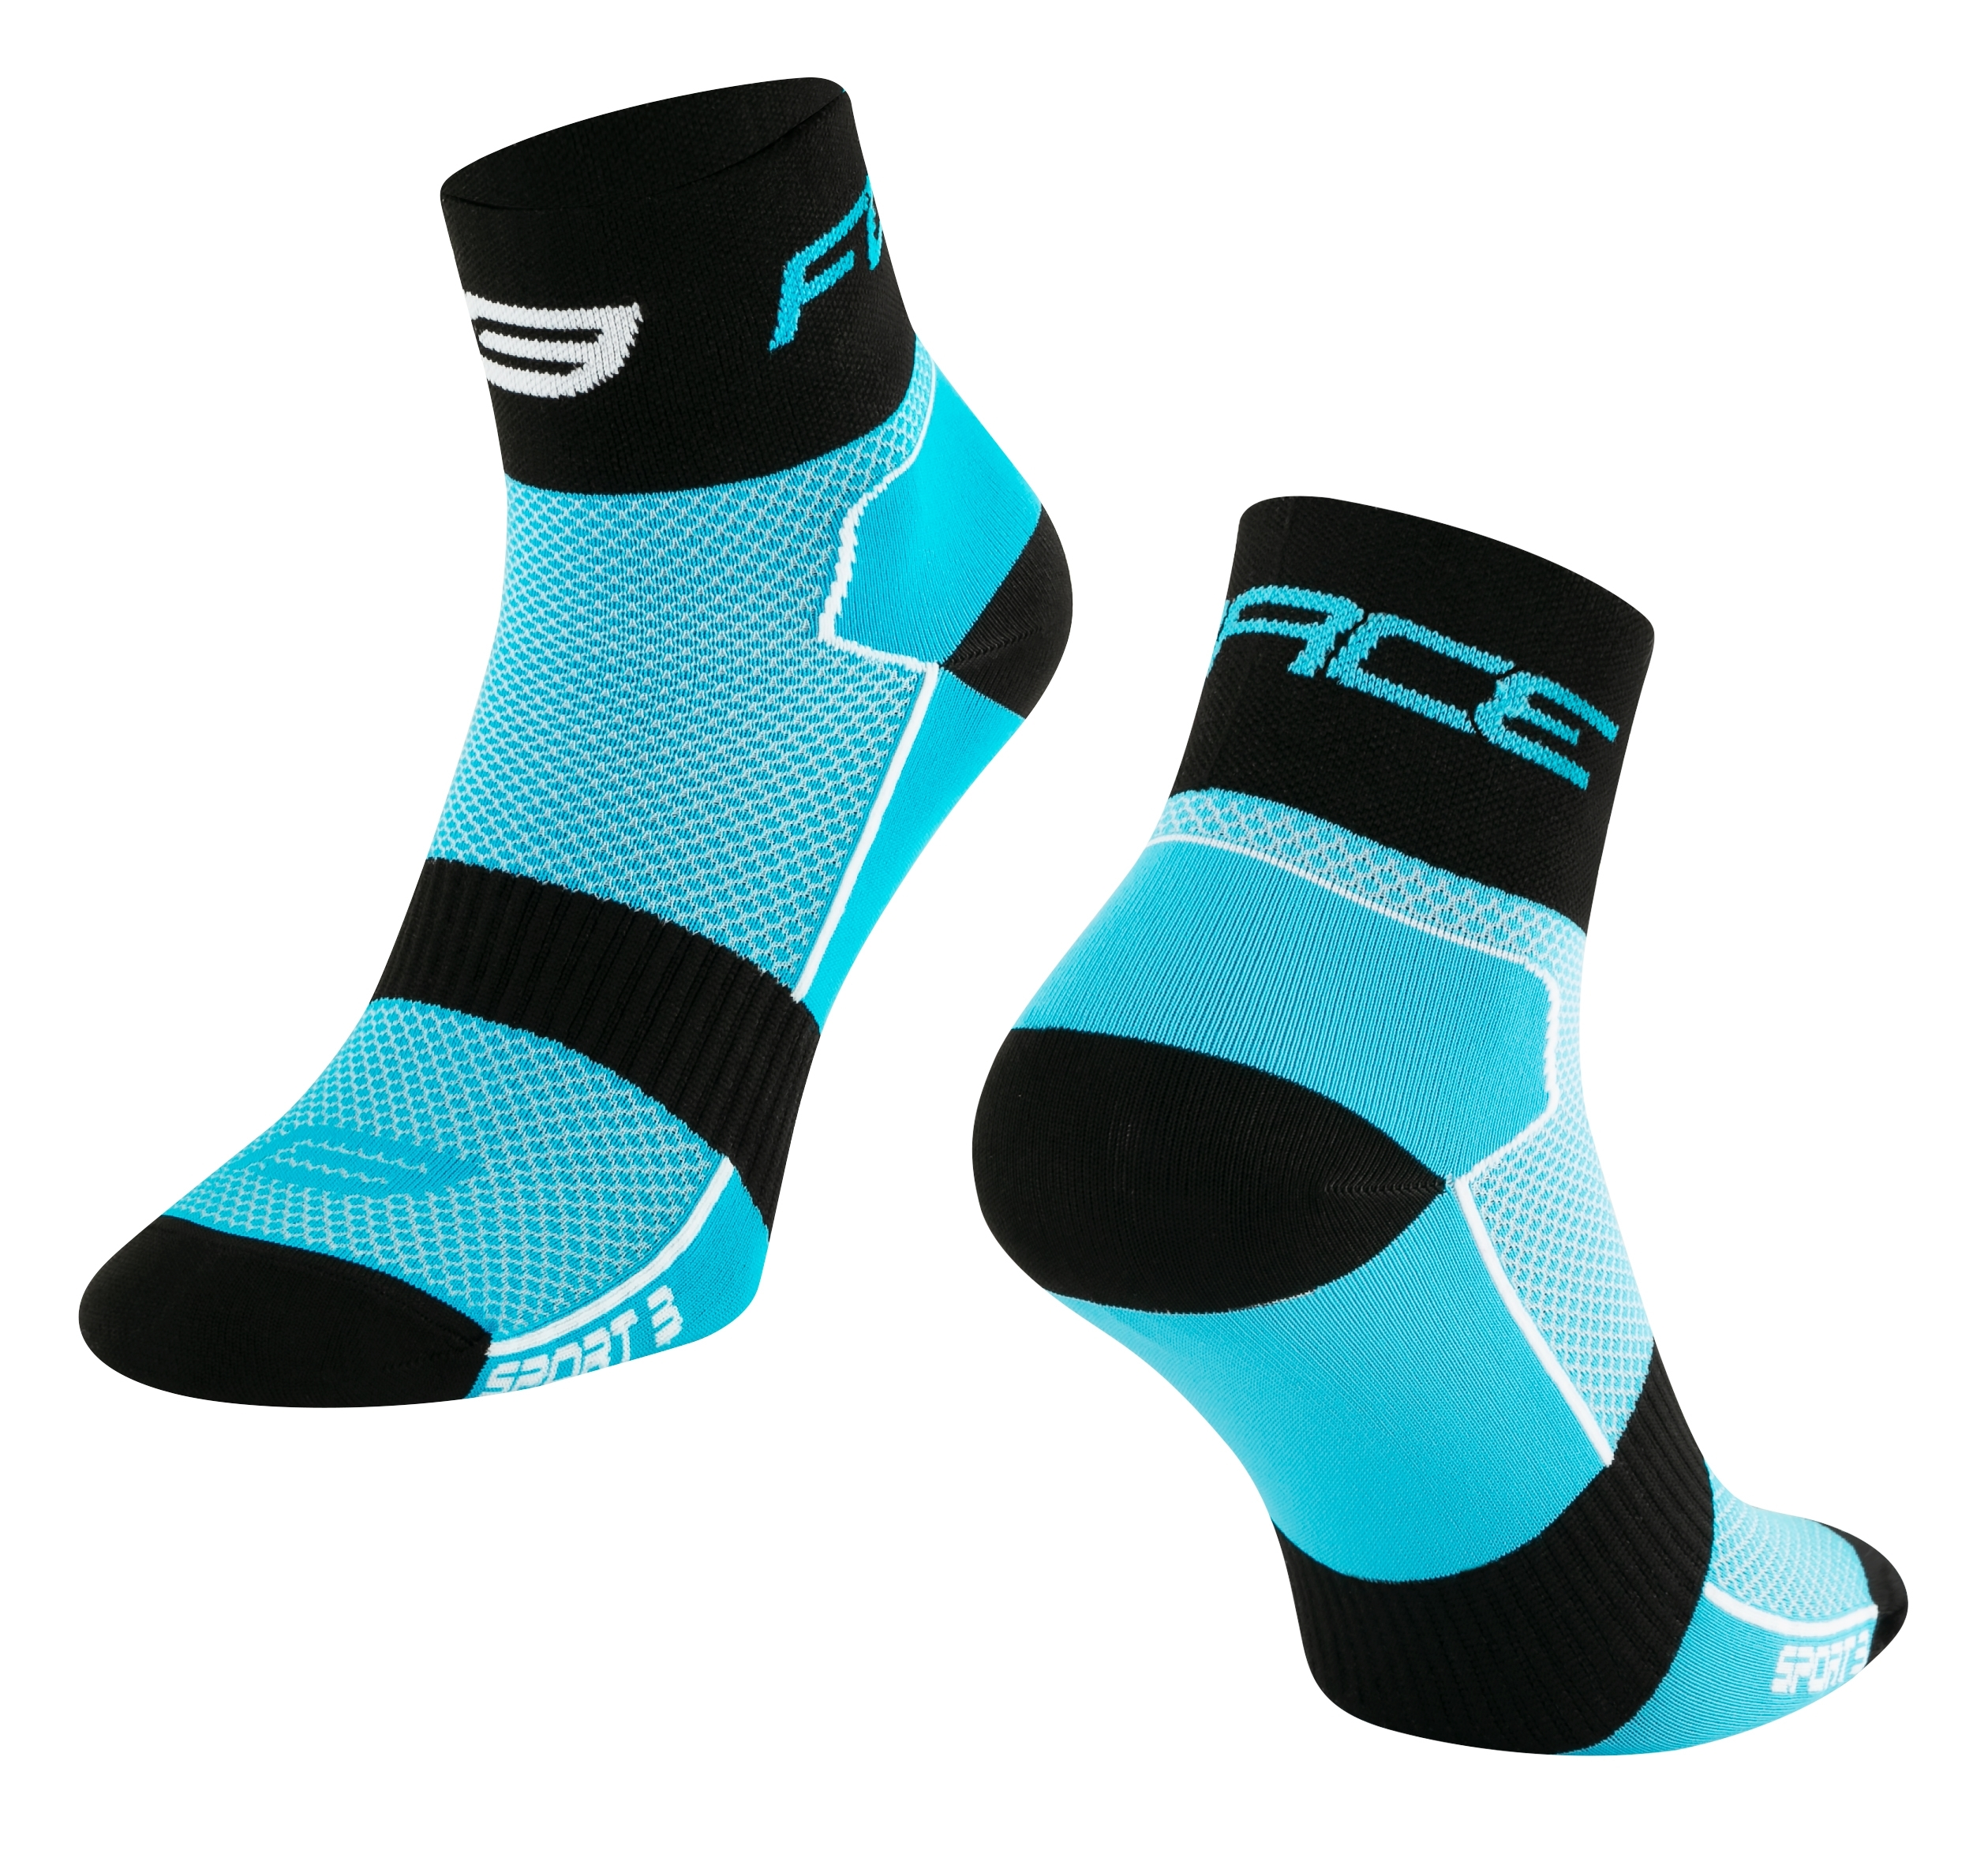 ponožky FORCE SPORT 3,modro-černé L-XL/42-46